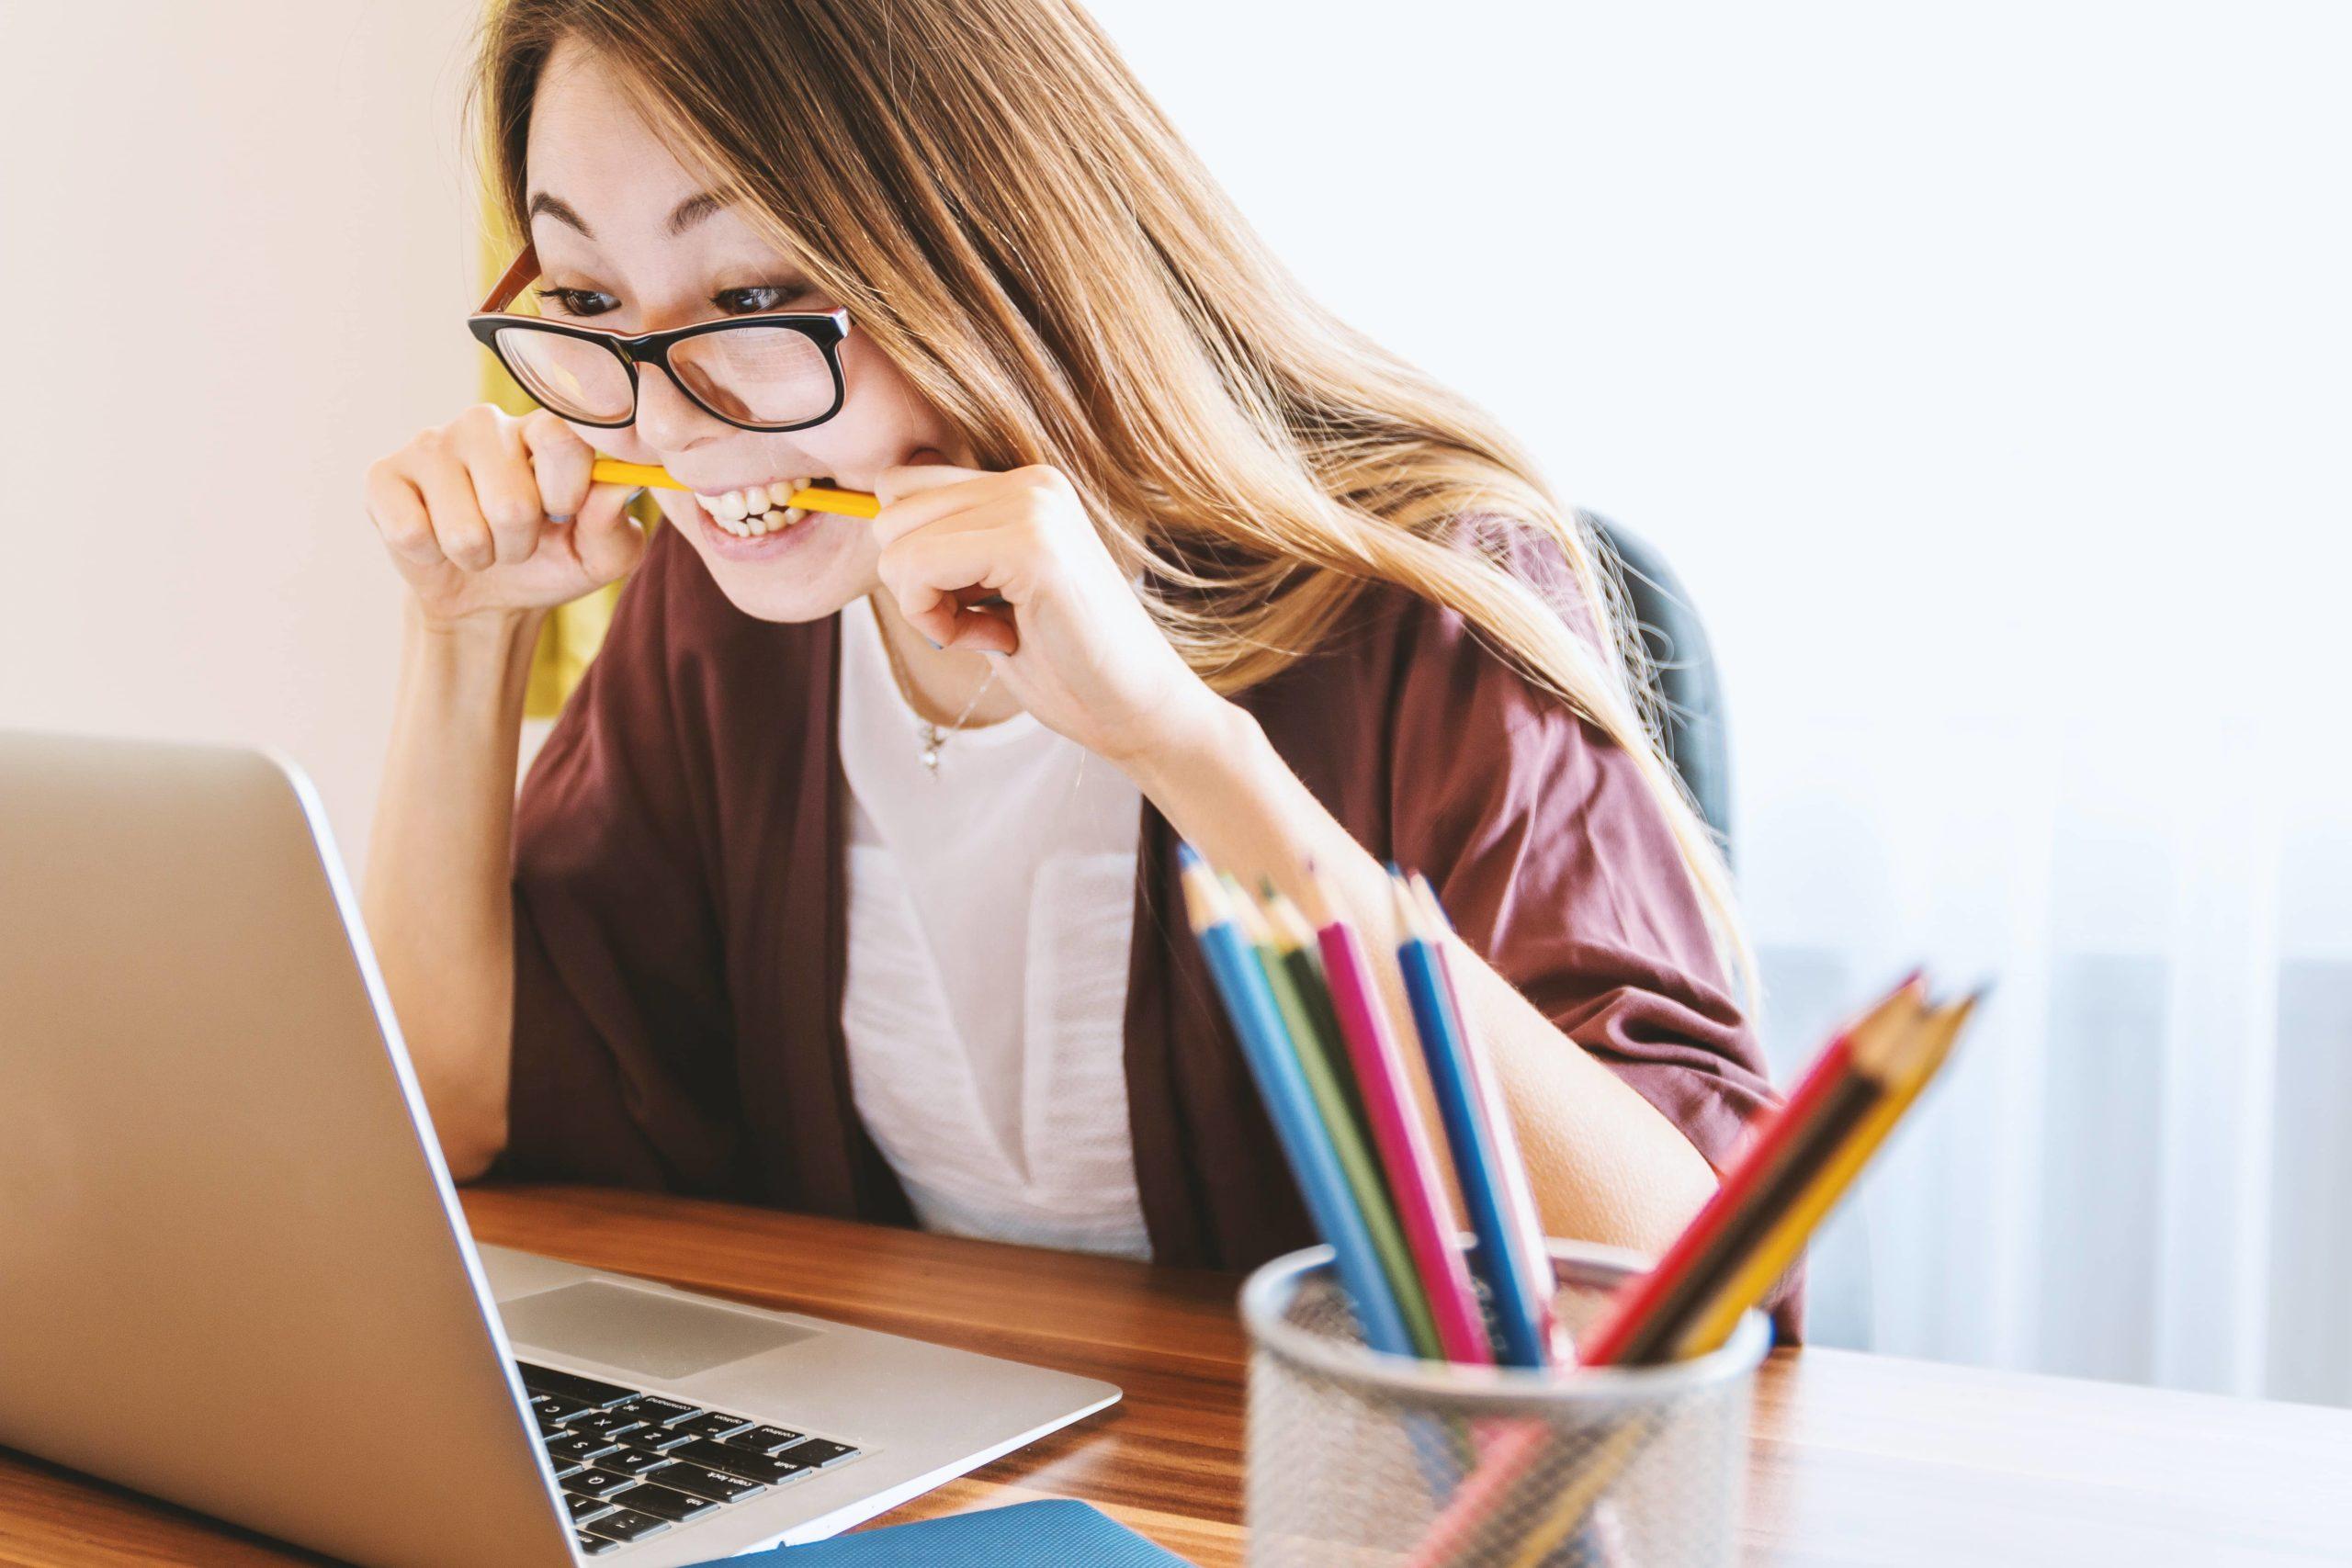 Femme-nerveuse-crayon-entre-les-dents-regarde-son-ordinateur-portable